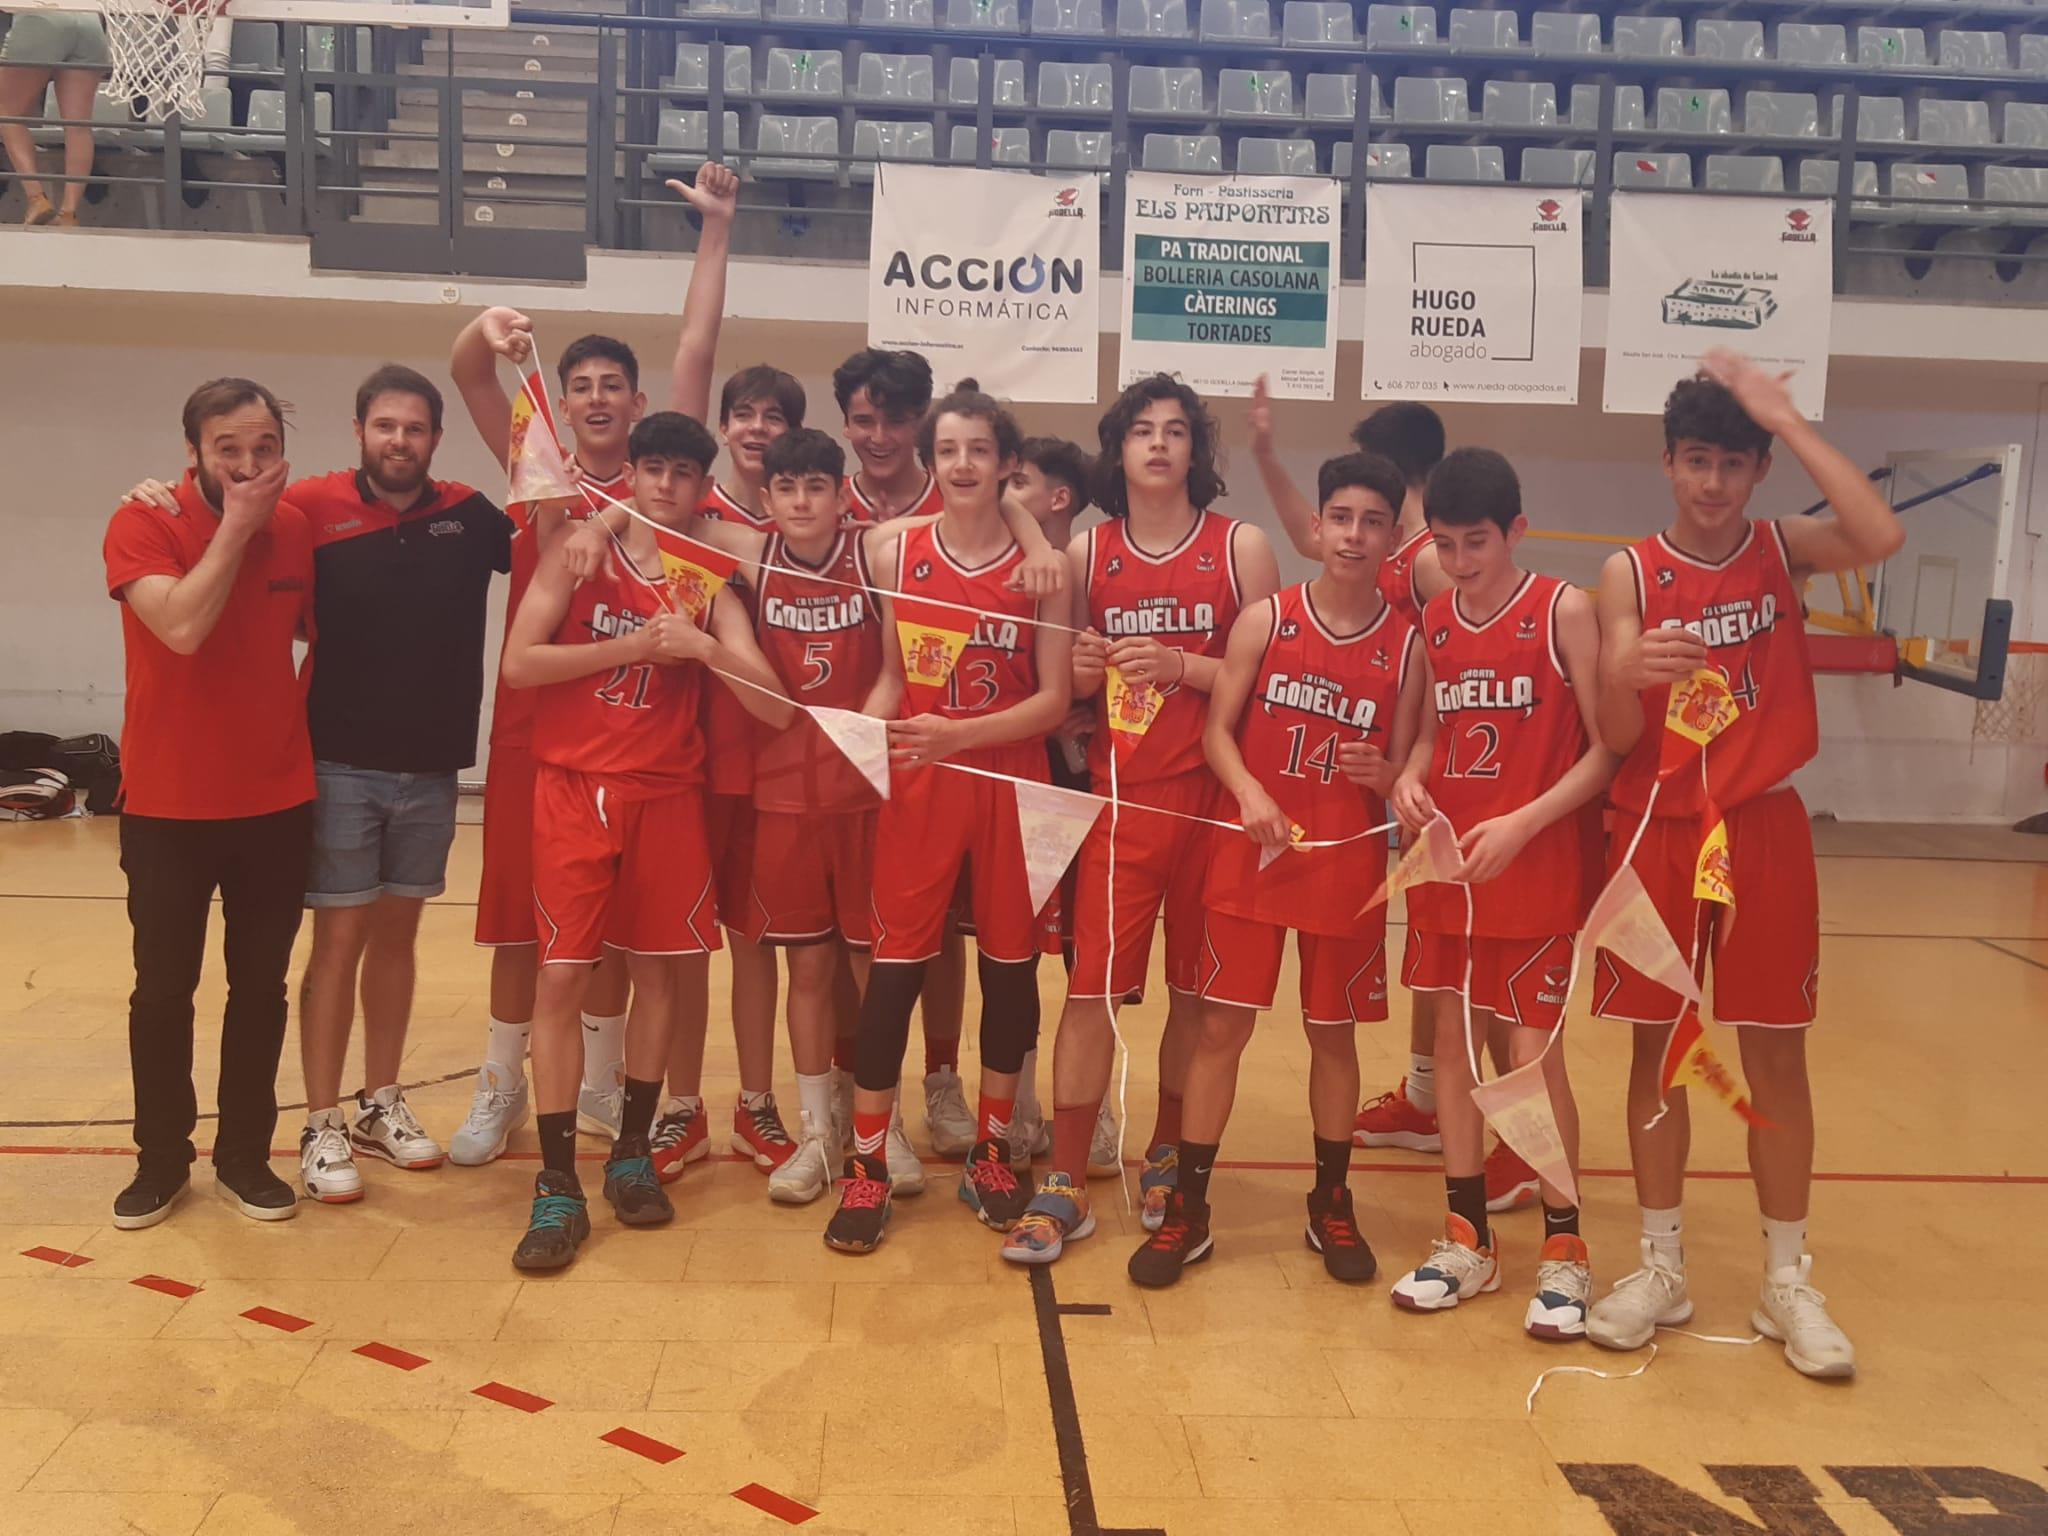 Subvención para Clubs de Élite concedida. Gracias Diputación de Valencia